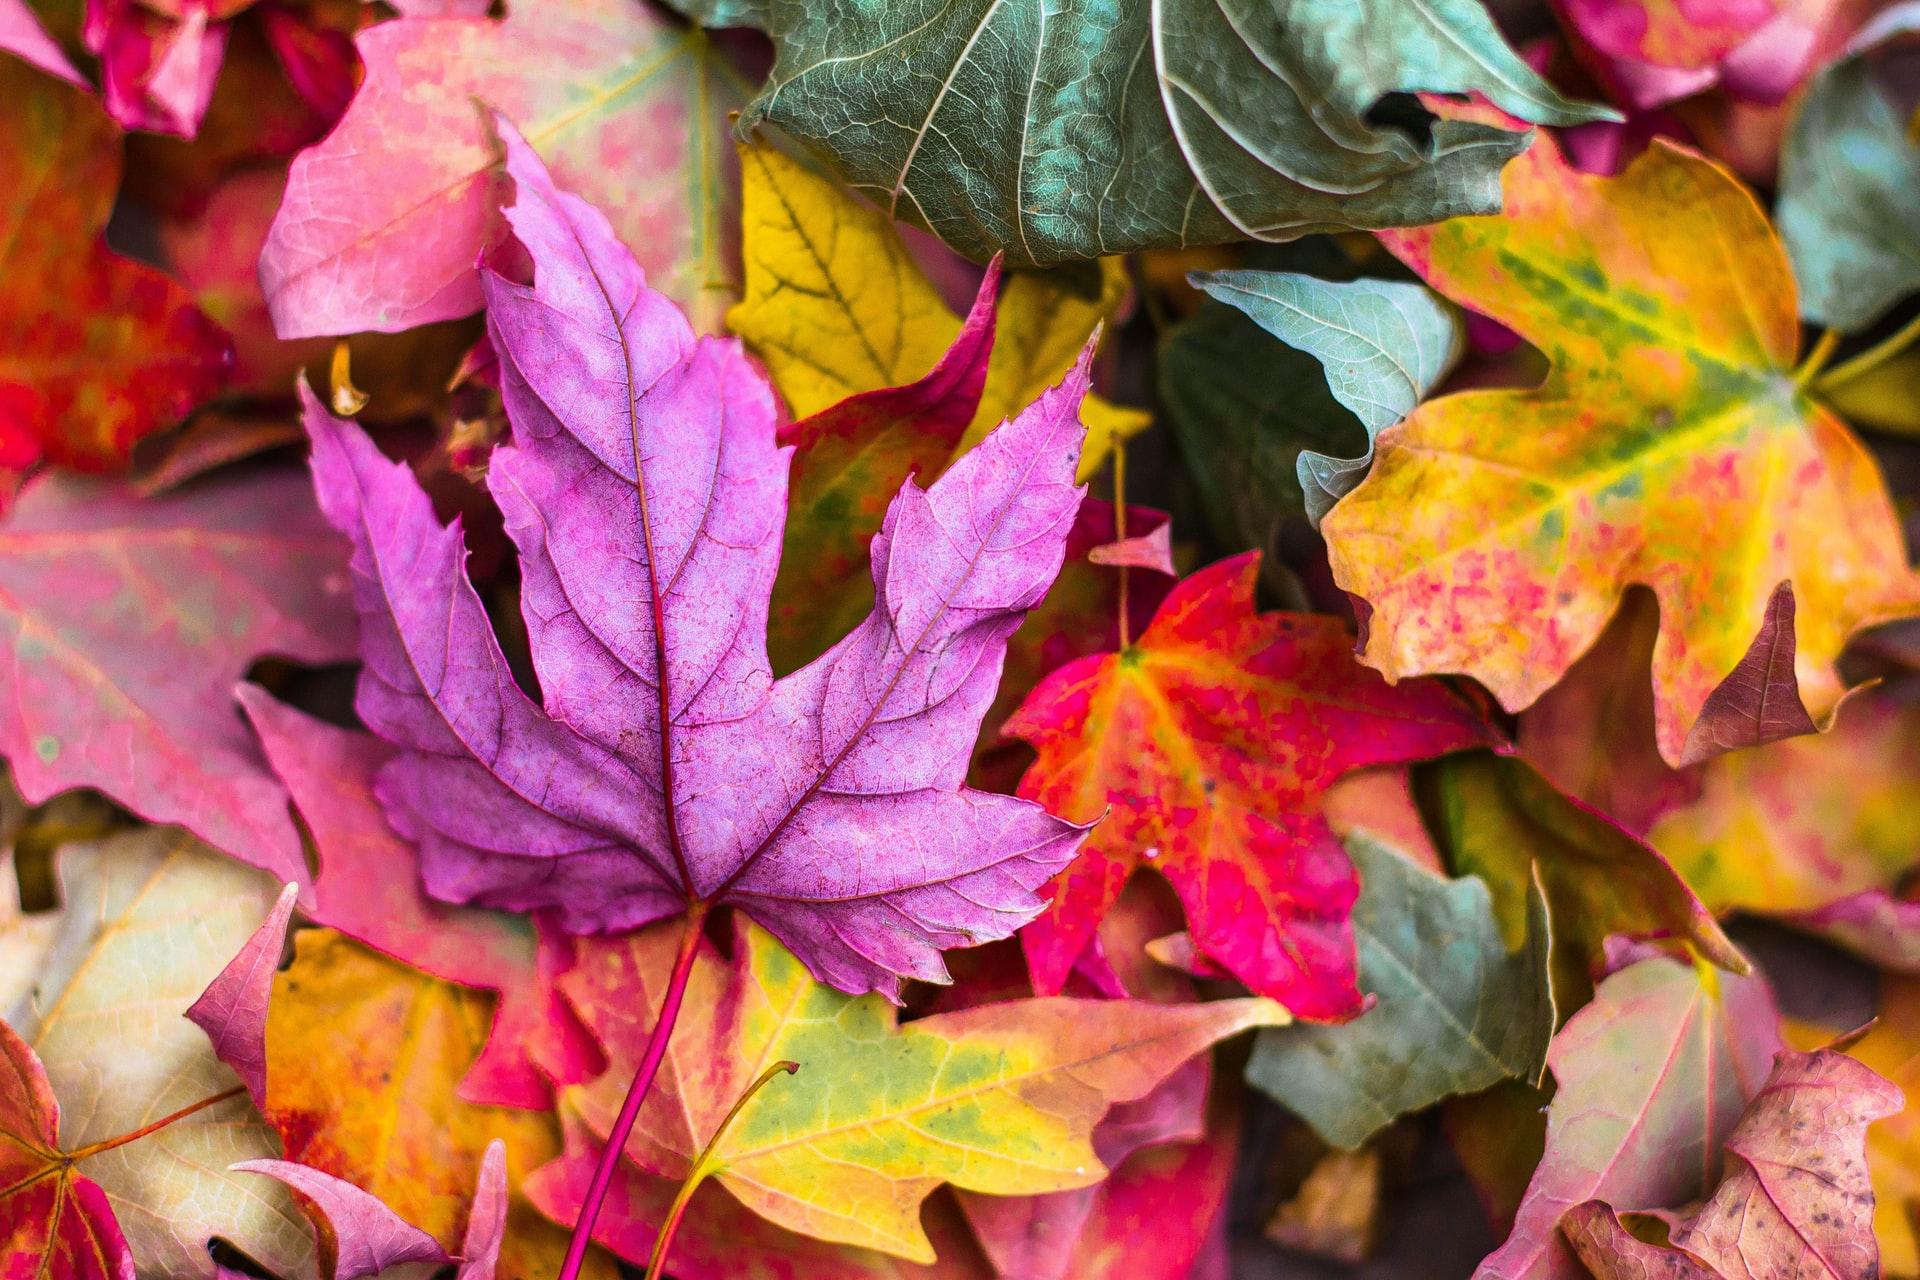 Pourquoi les feuilles tombent-elles des arbres en automne ? 1